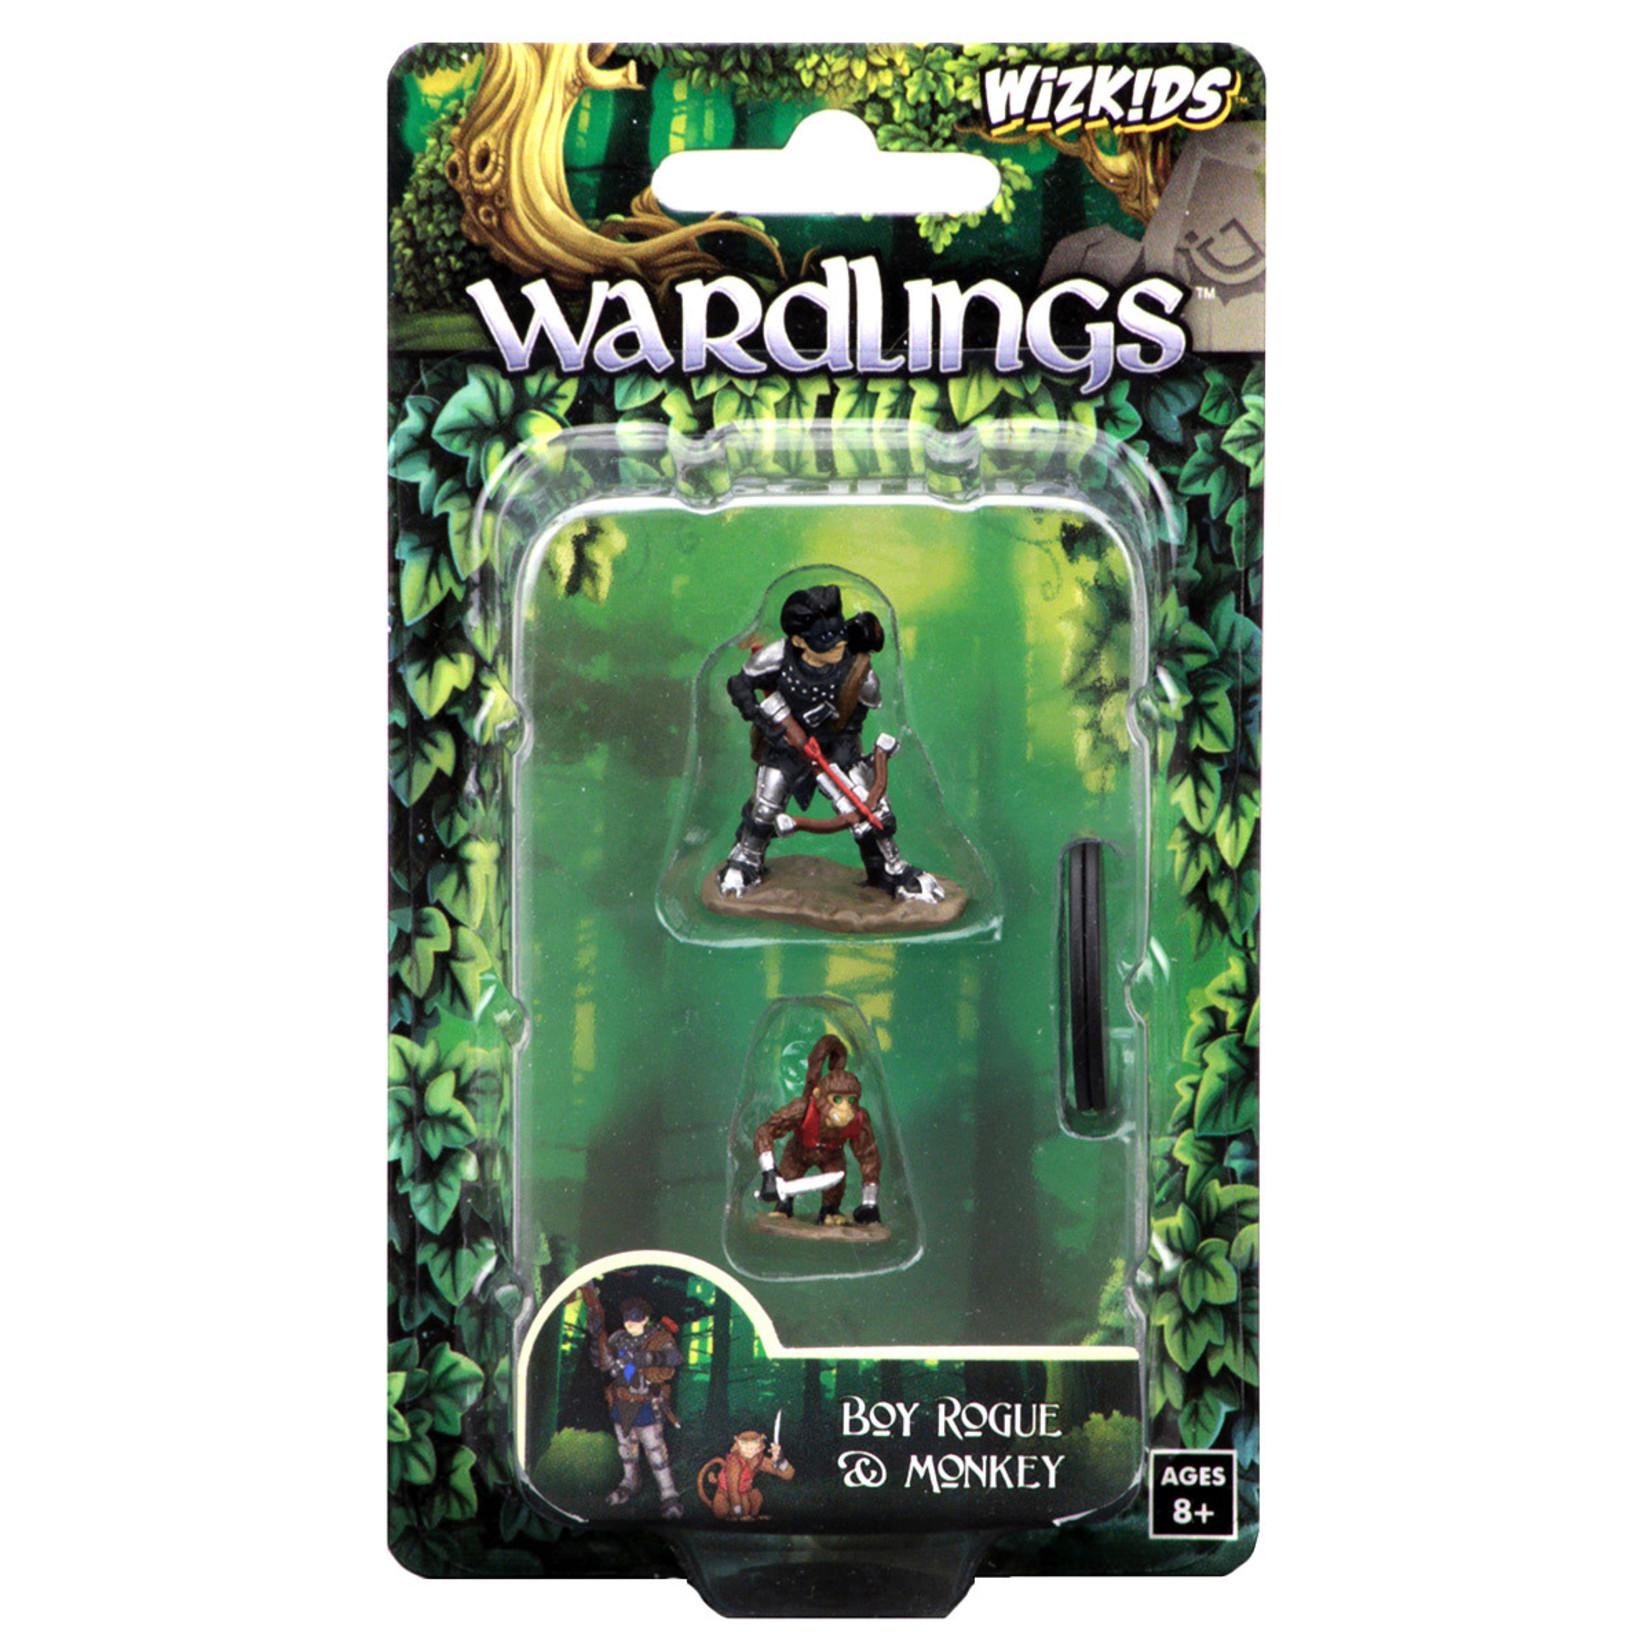 WizKids WizKids Wardlings: Boy Rogue & Monkey (W2)